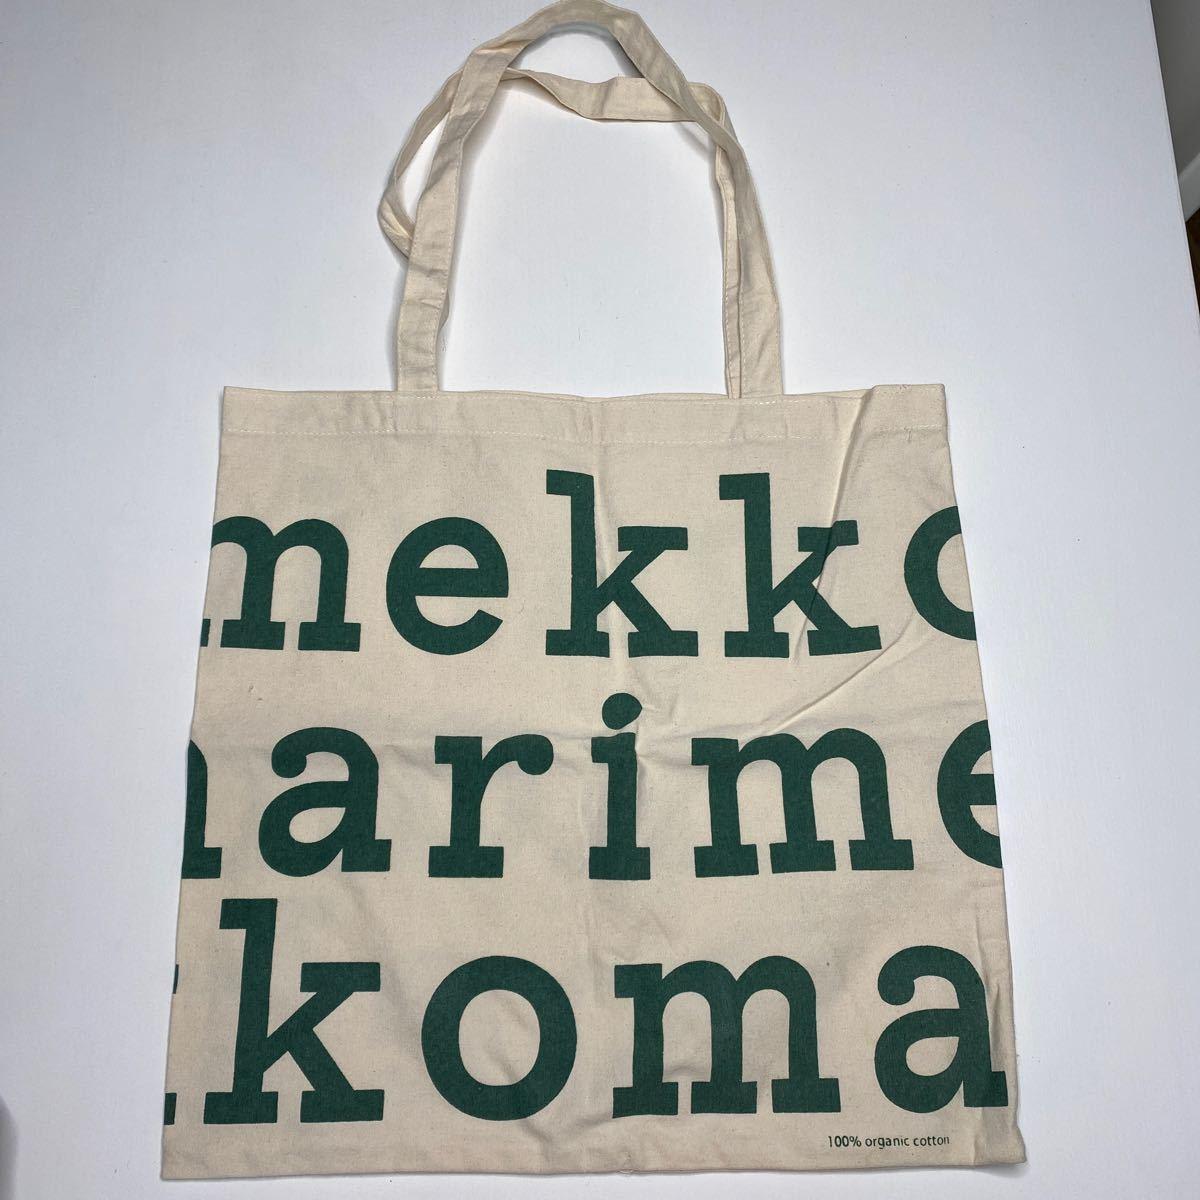 マリメッコ marimekko エコバッグ ロゴ マリメッコトートバッグ